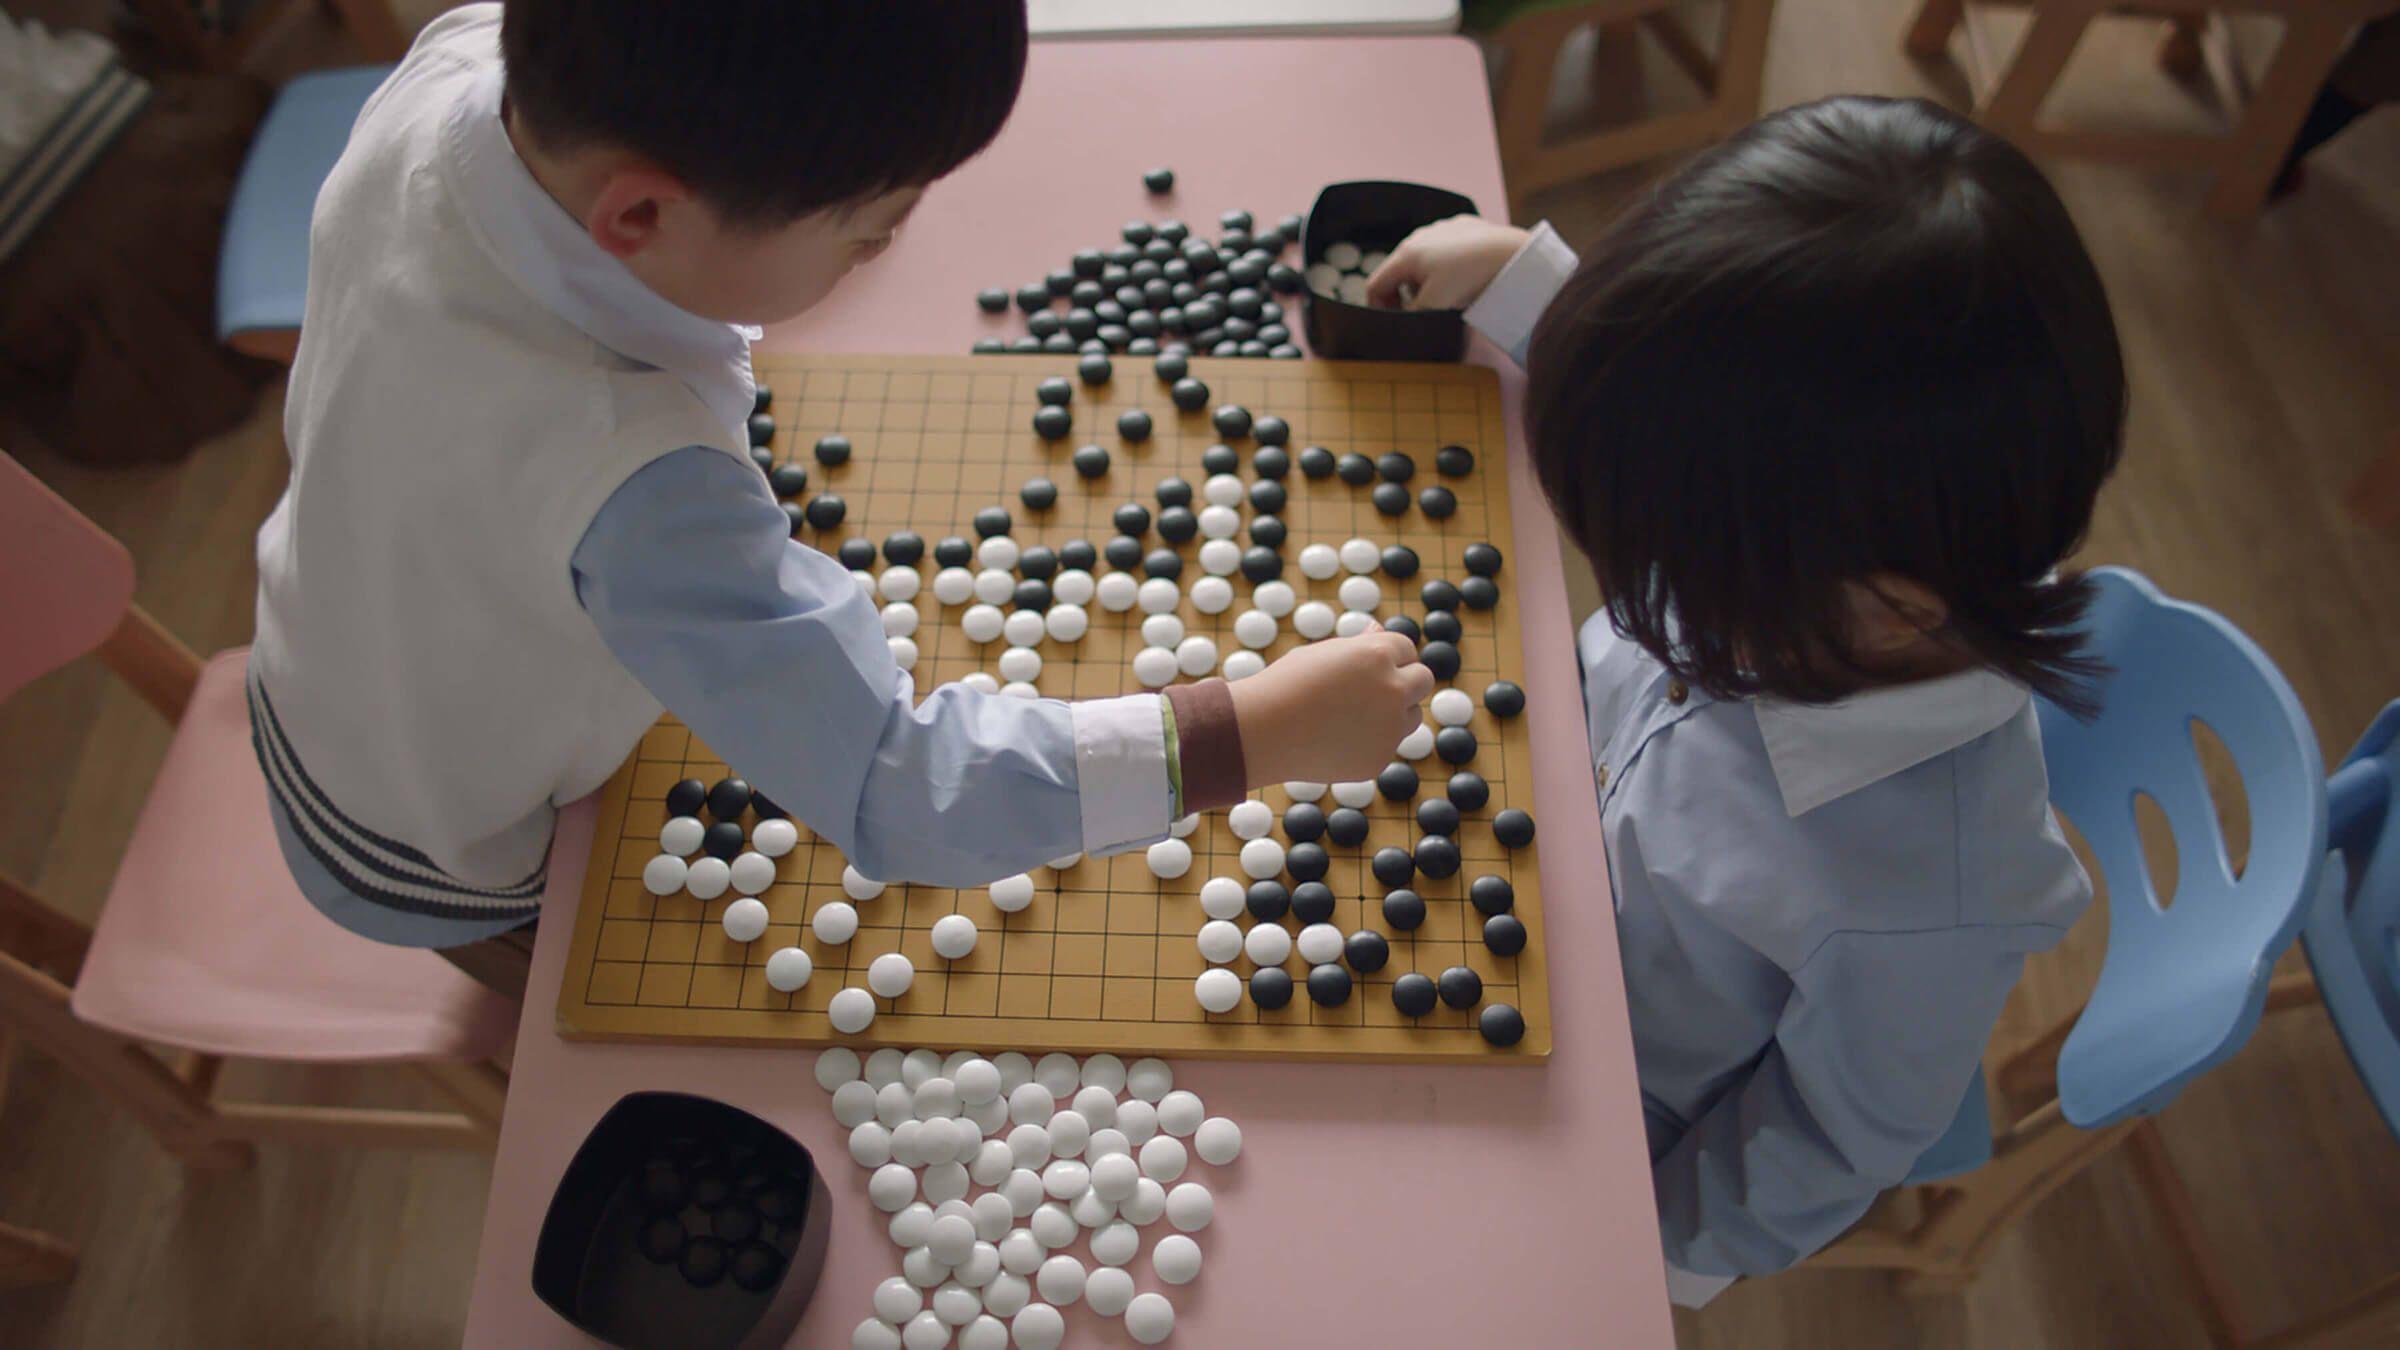 「アルファ碁ゼロ」が登場、完全な教師なし学習で世界最強に